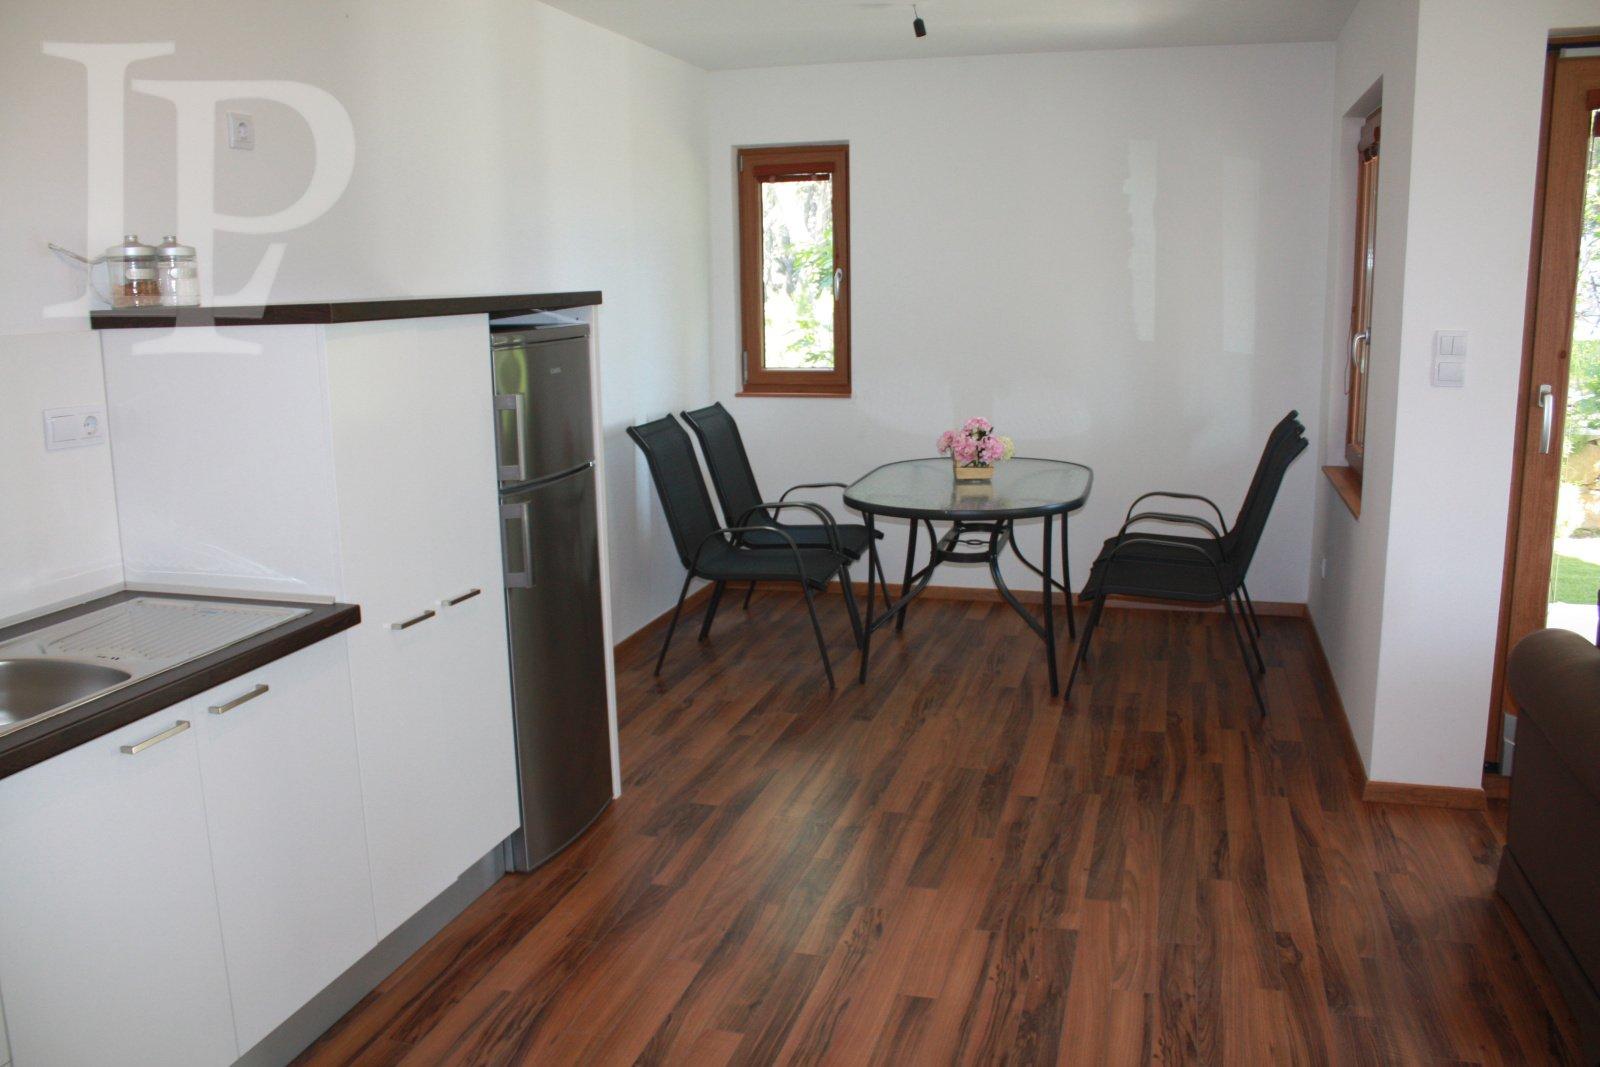 Luxusní plně vybavený apartmán, Hvar, Chorvatsko 54 m2